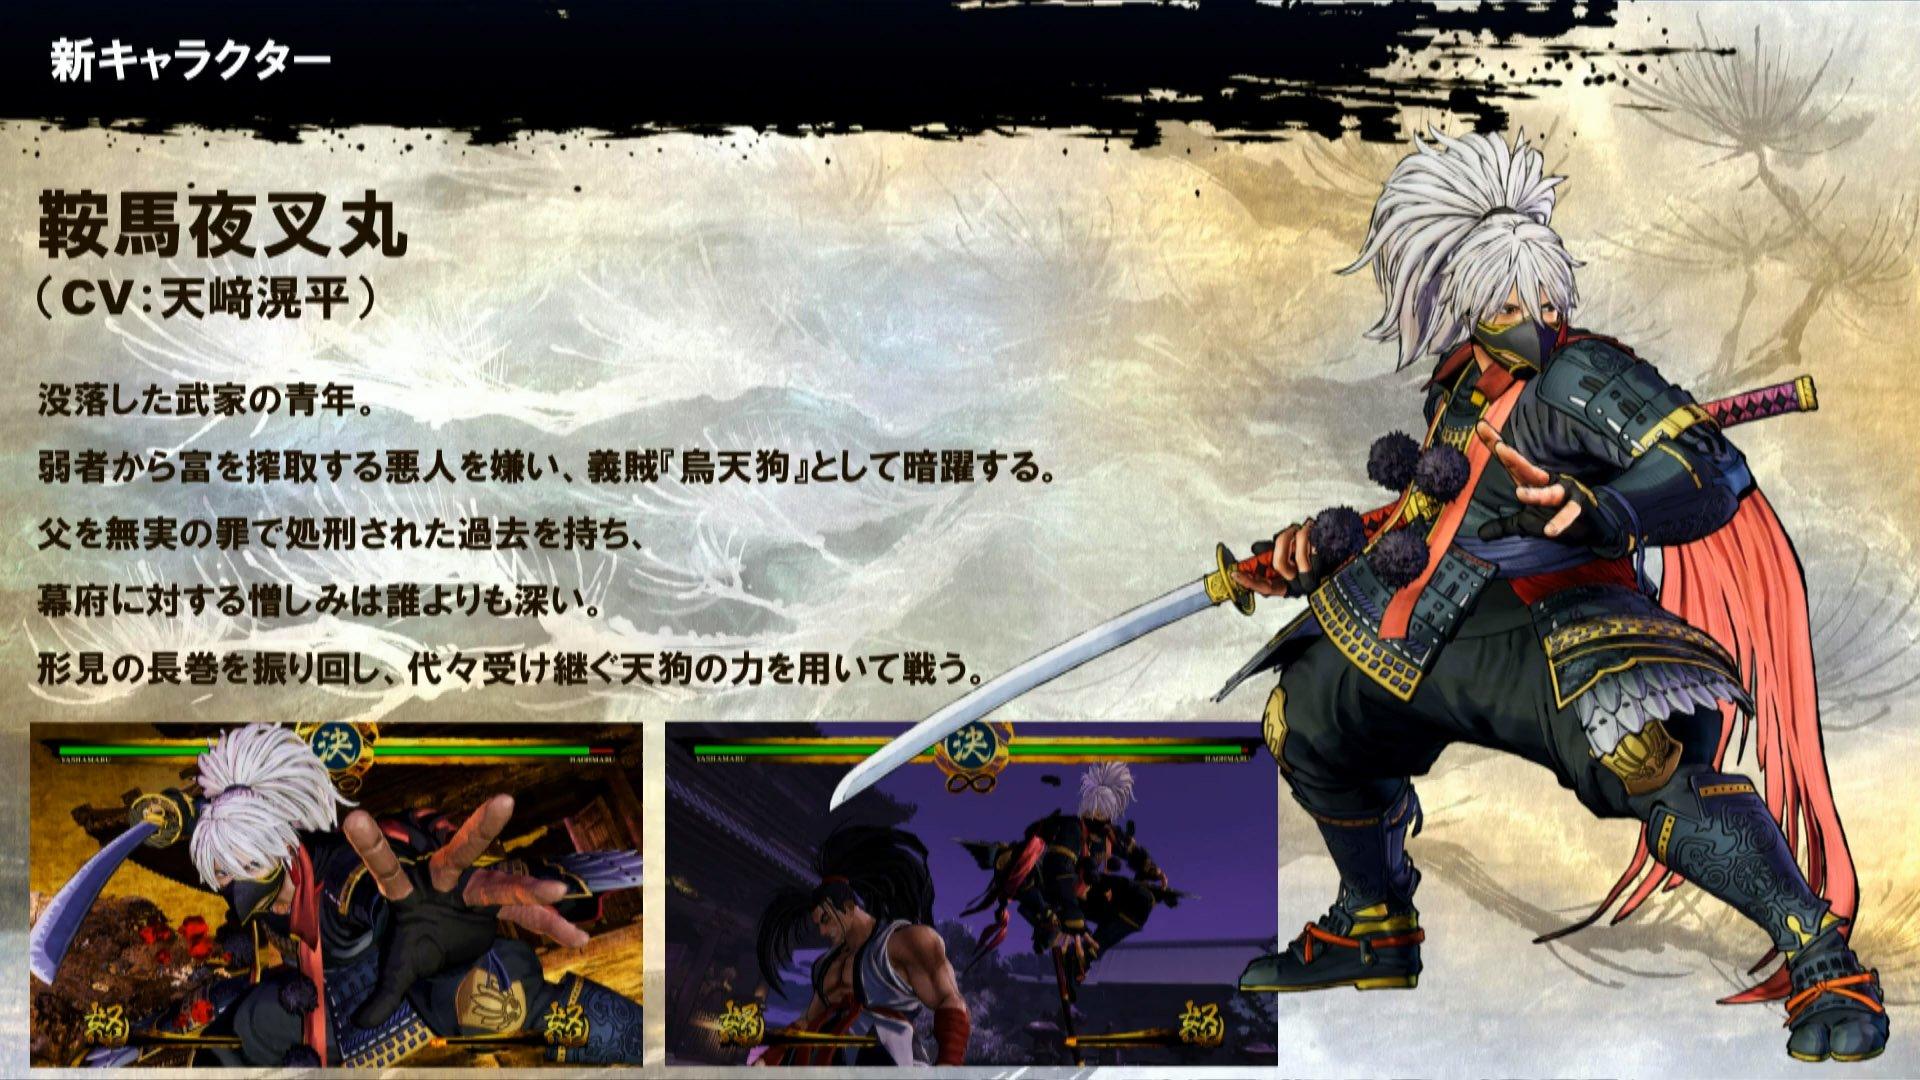 SamuraiShodown PS4 News 016